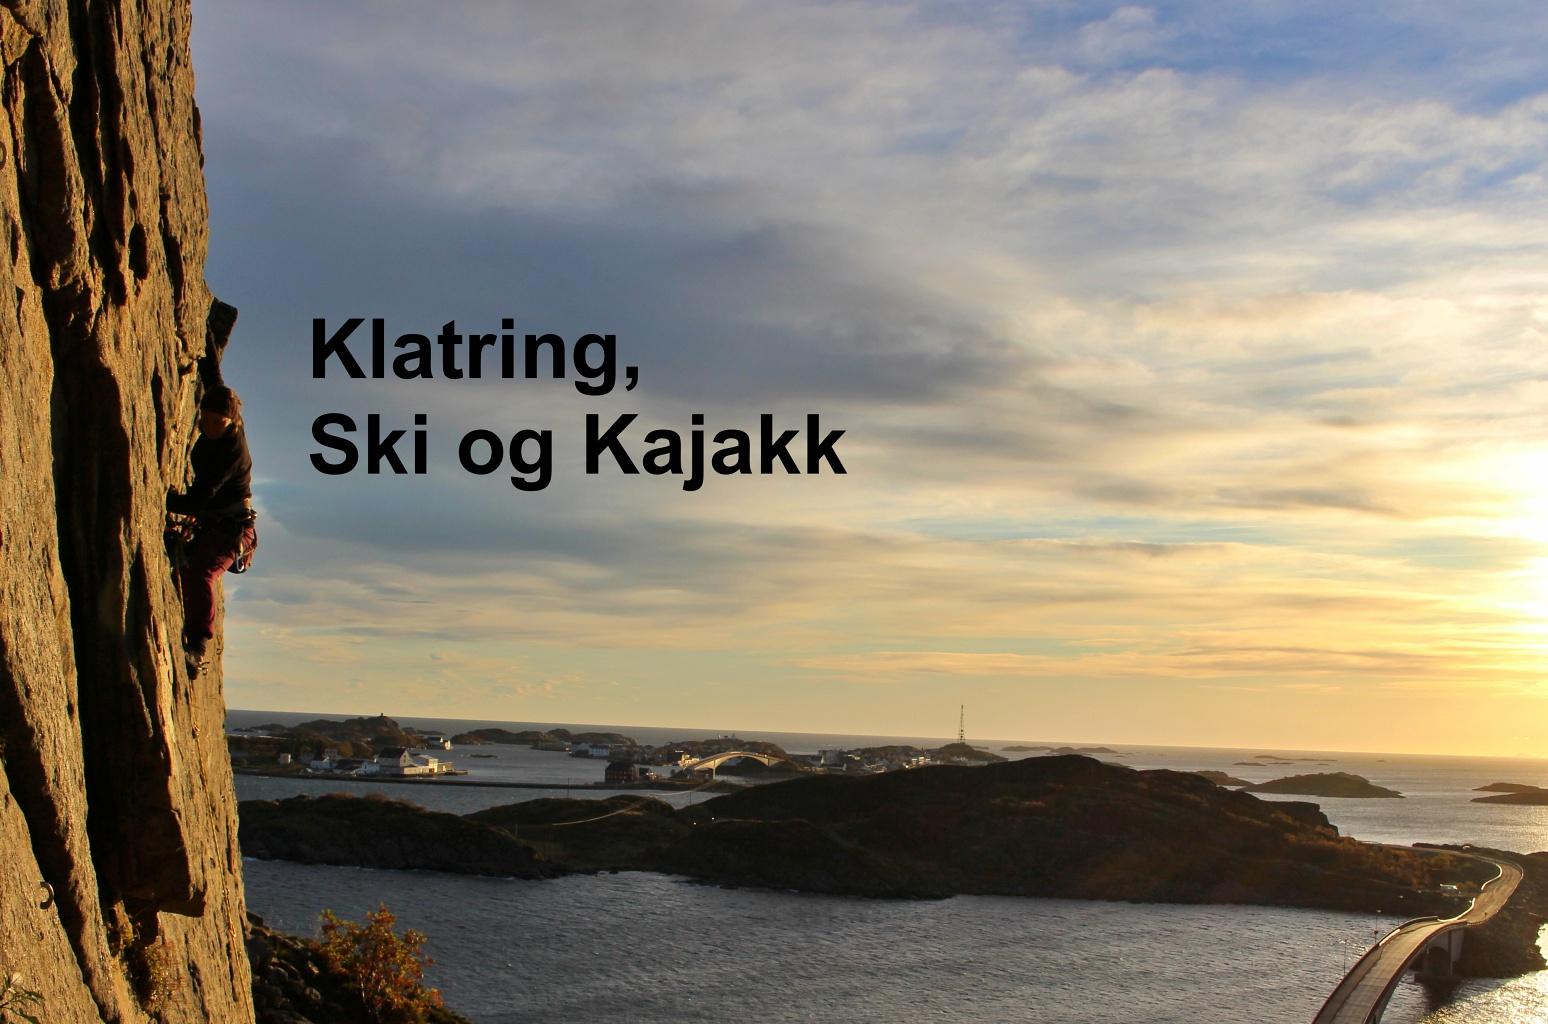 Linja Klatring, Ski og Kajakk på Peder Morset Folkehøgskole.